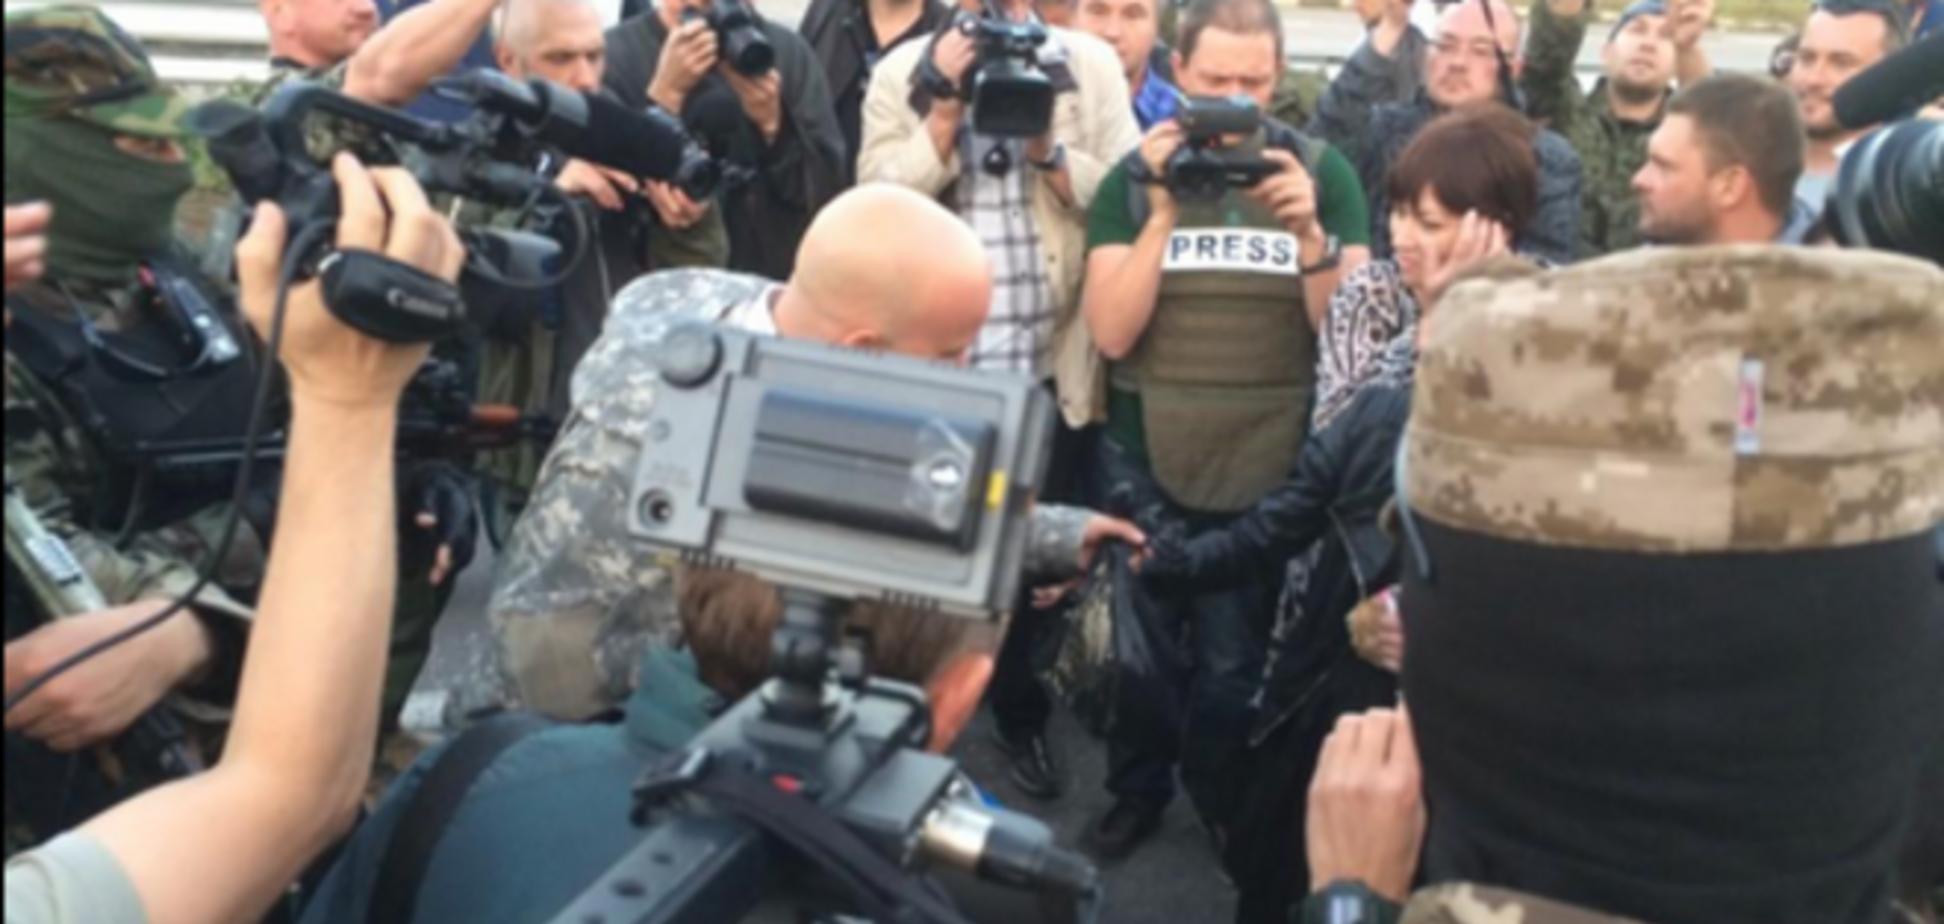 Из плена освобождены более 30 украинских военнослужащих: мужчины обнимались и плакали